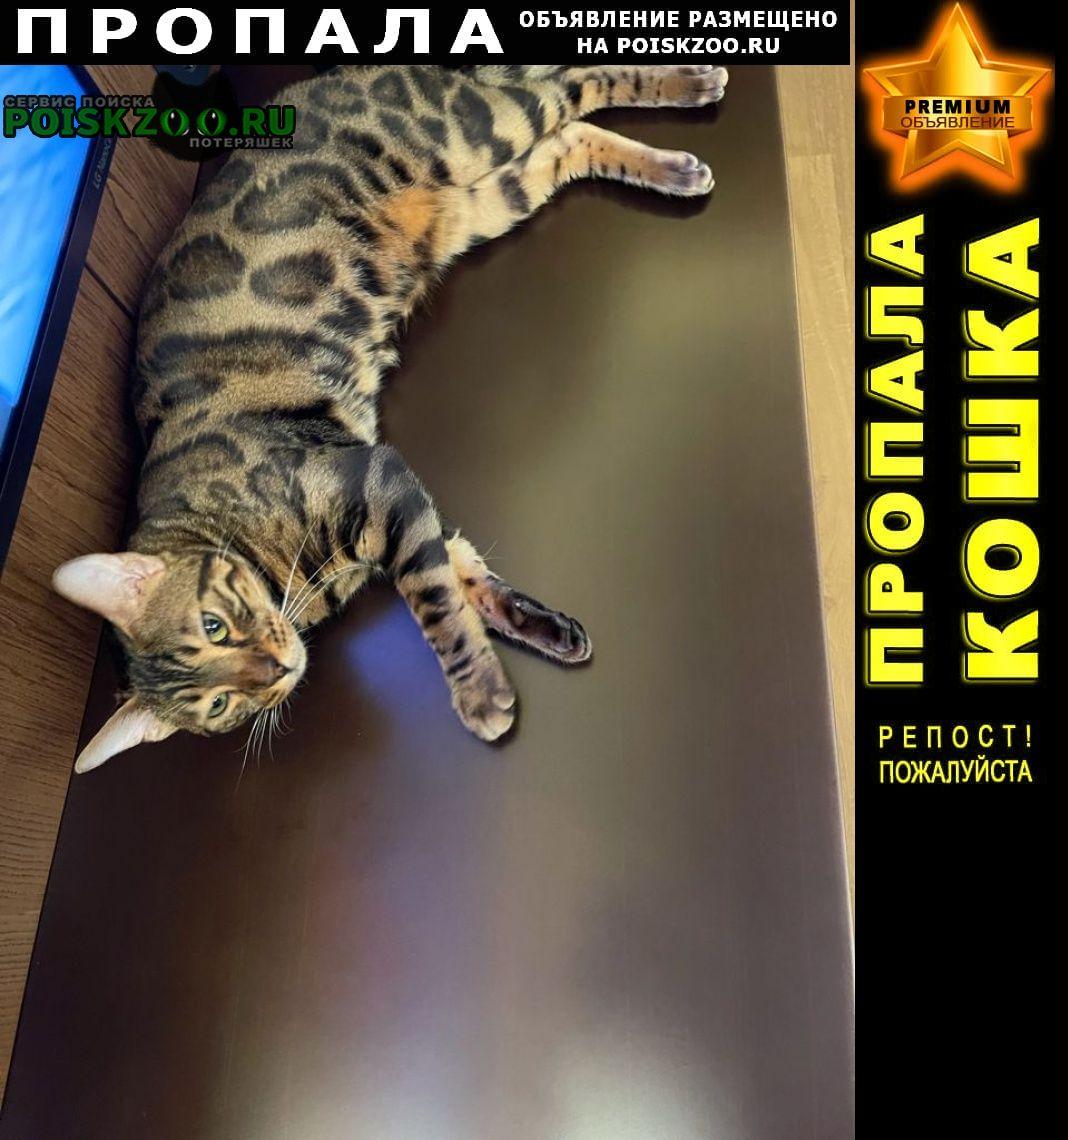 Пропал кот бенгалец, возрастом около1, 5 лет Звенигород